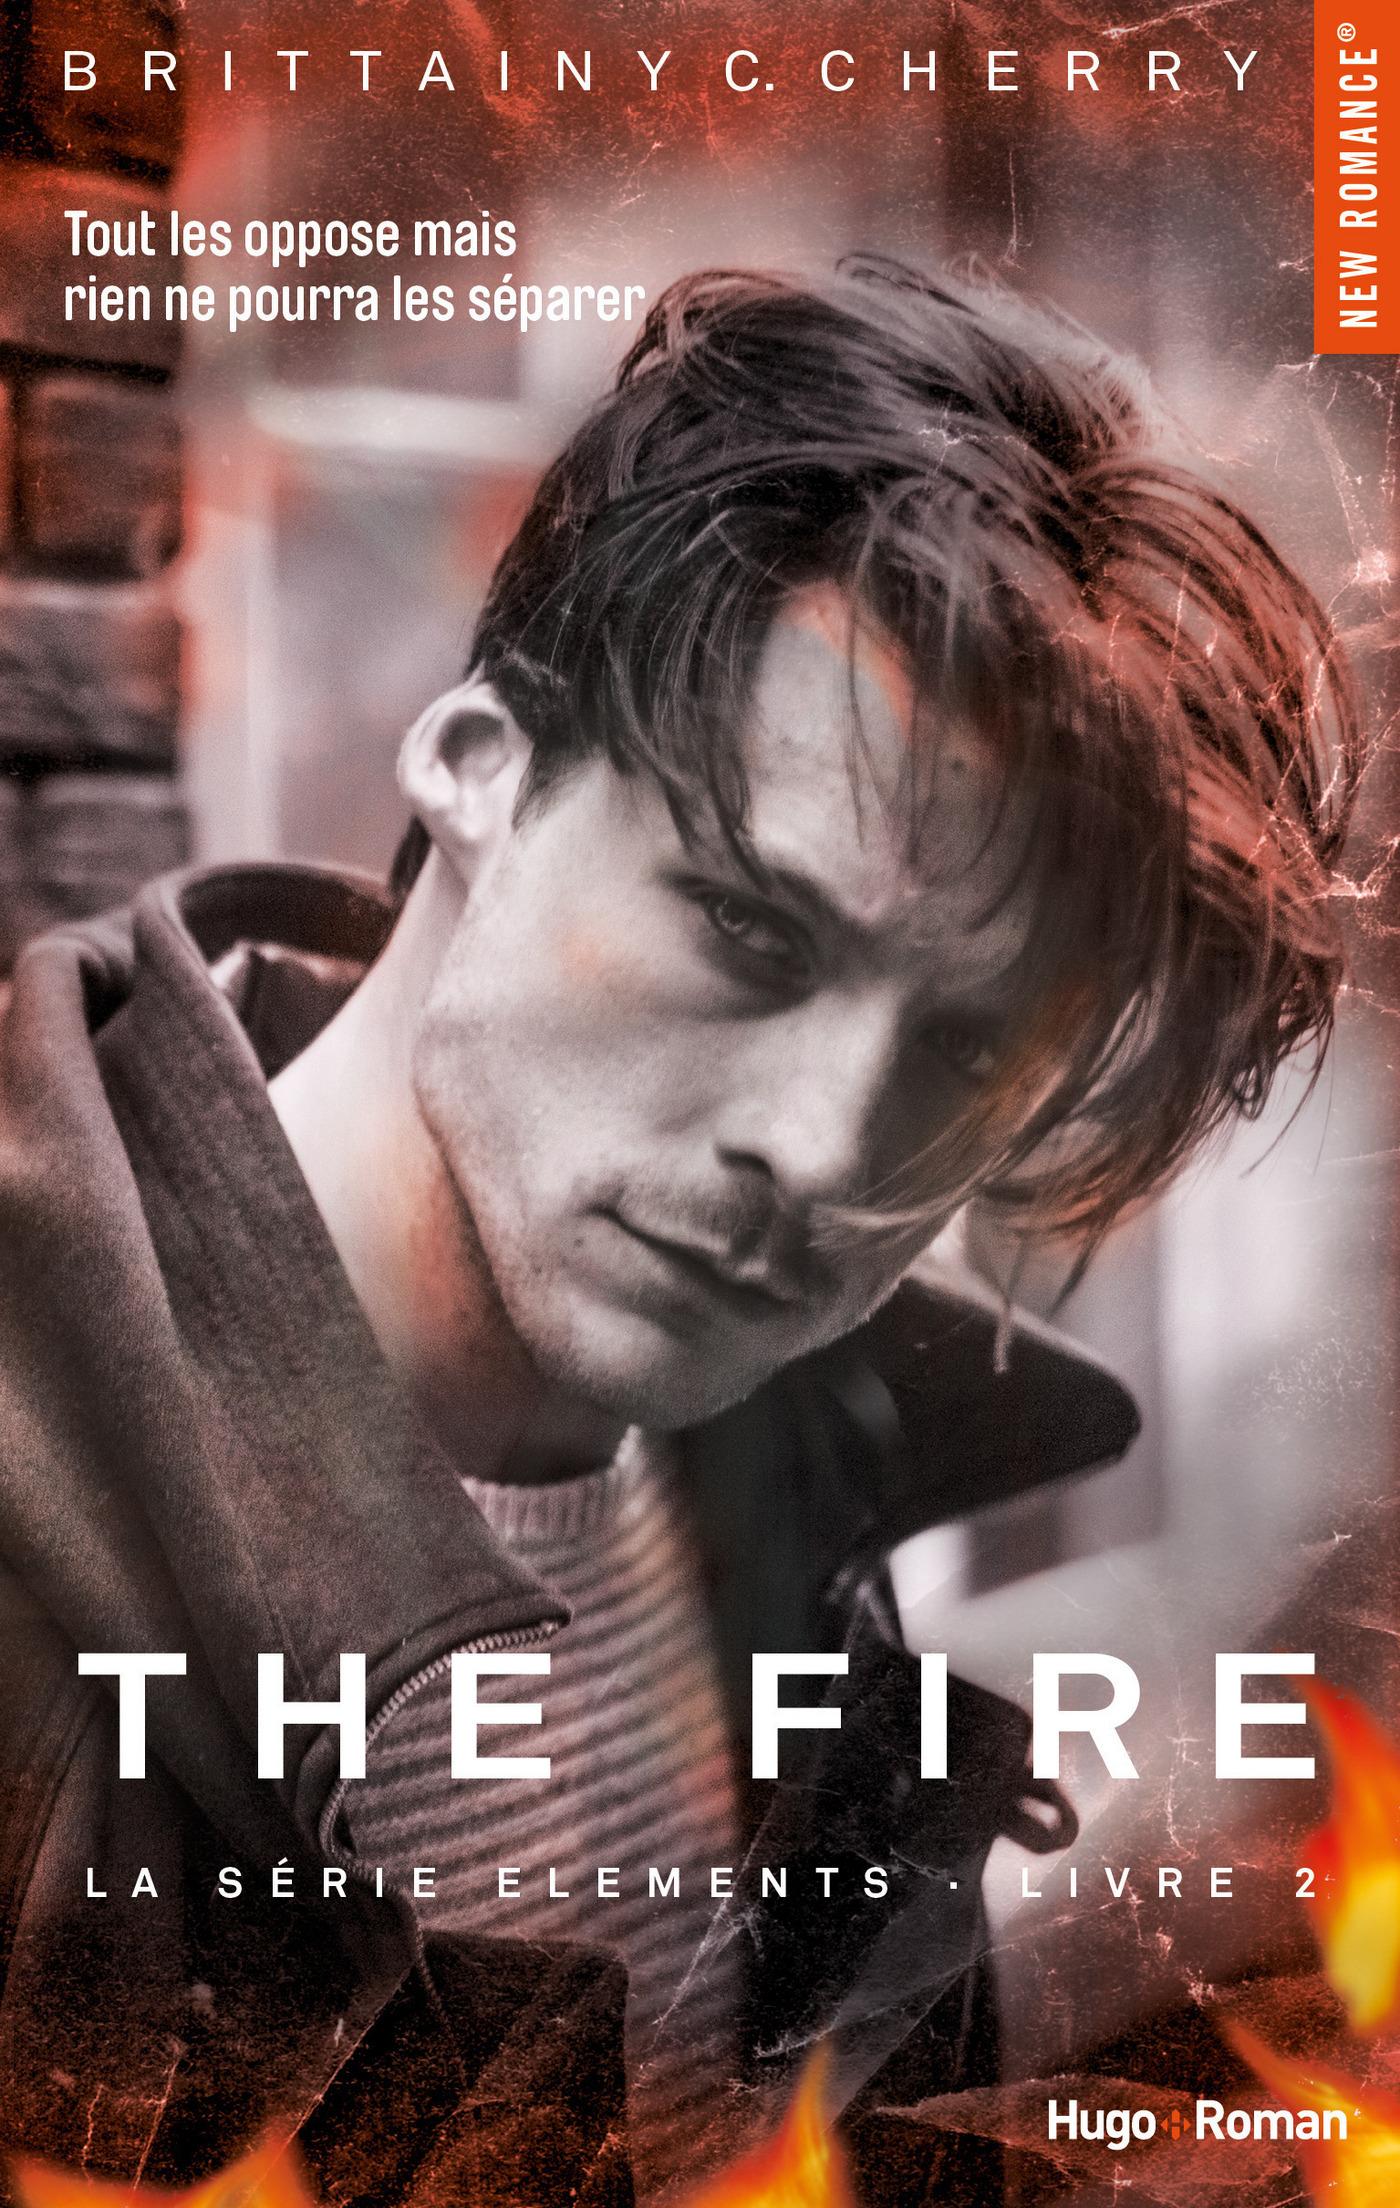 The Fire Série The elements Livre 2 (ebook)